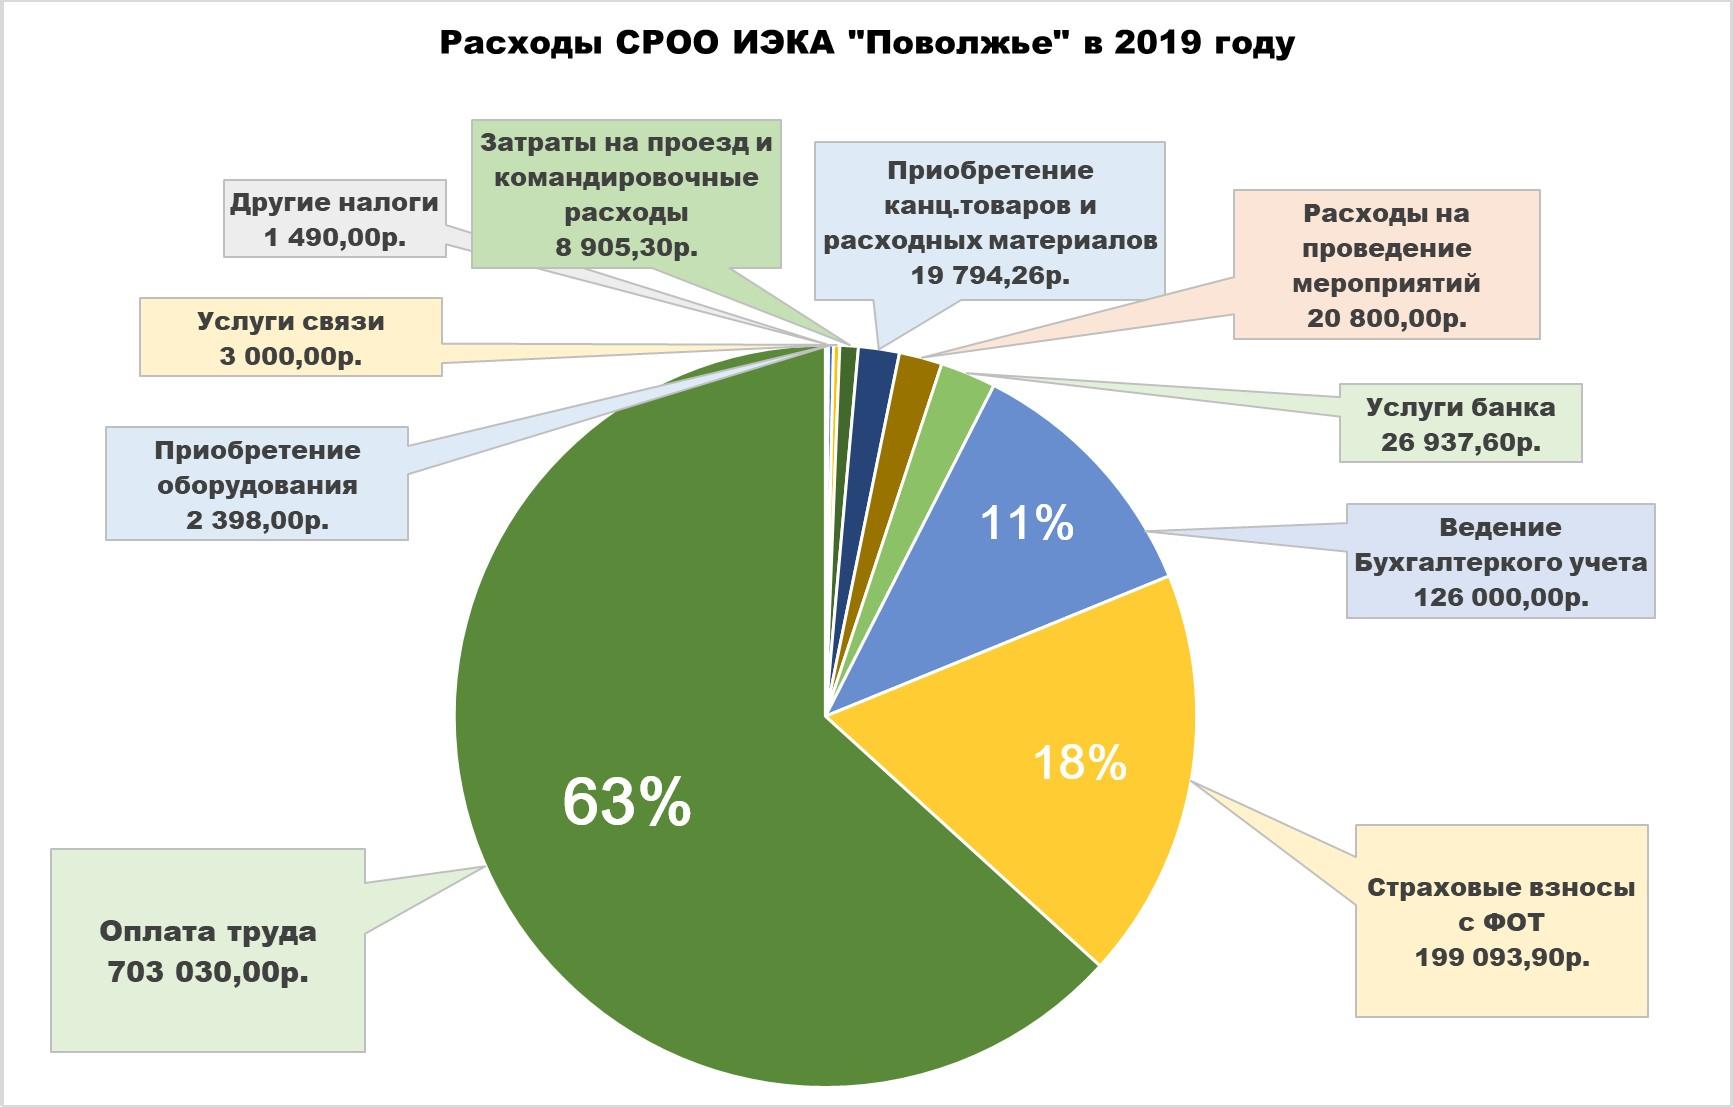 """Расходы СРОО ИЭКА """"Поволжье"""" в 2019 году"""